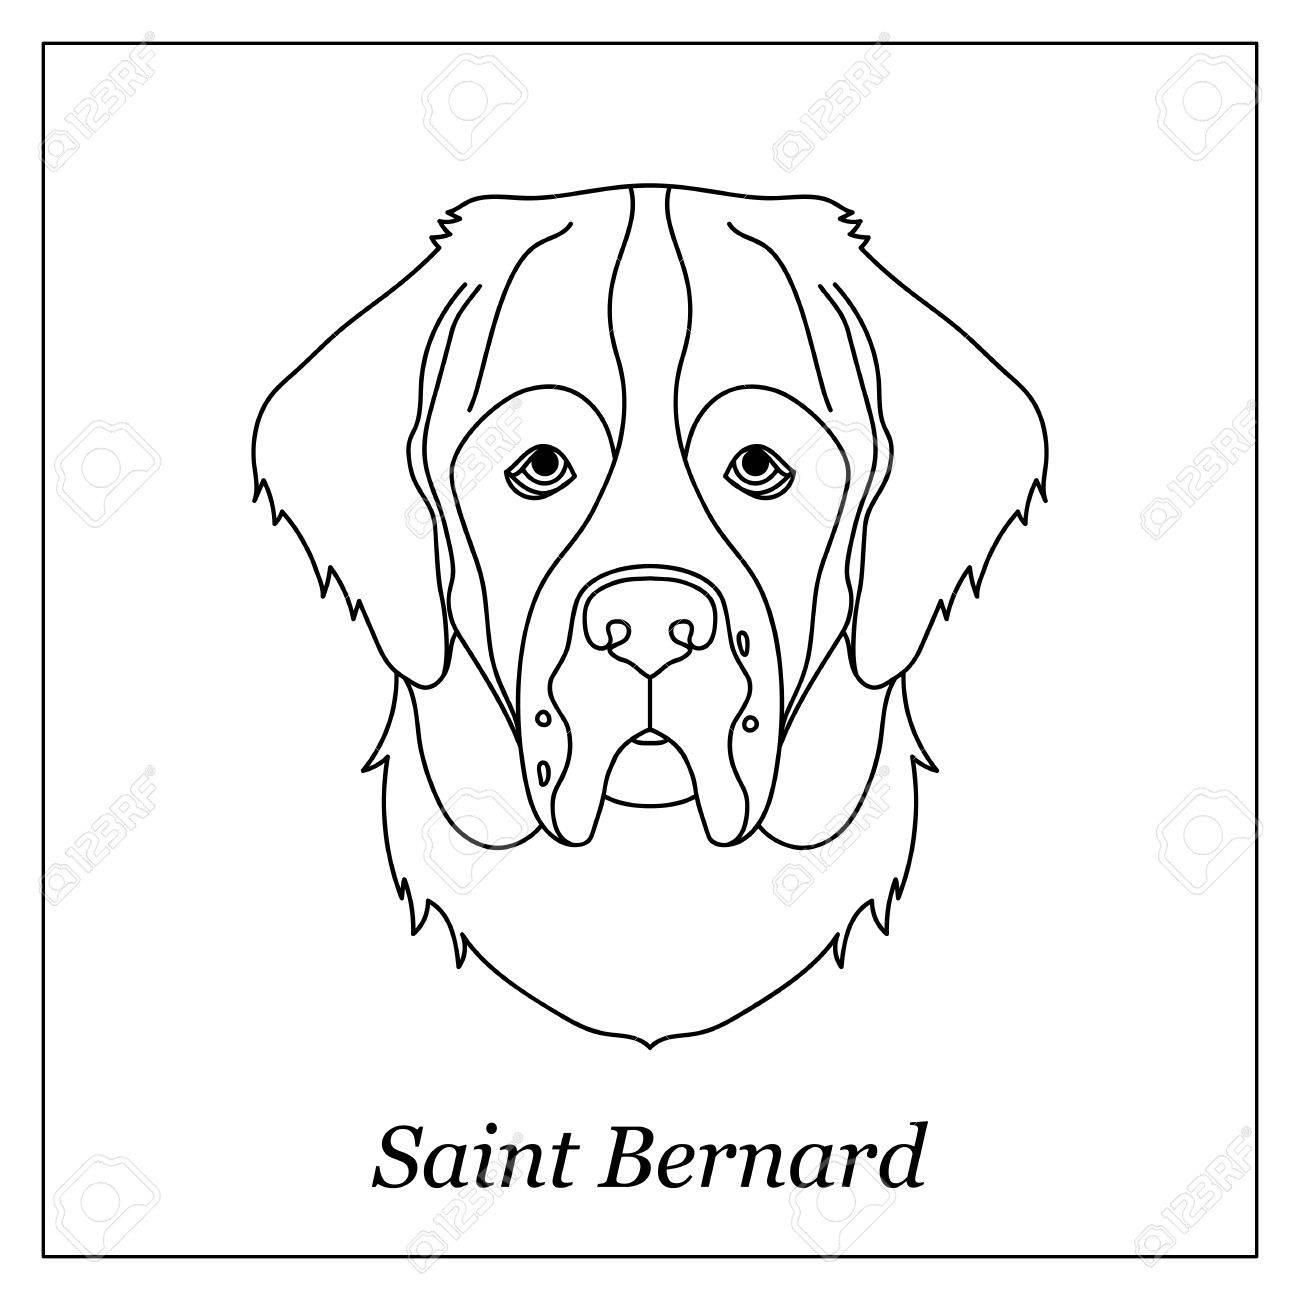 Tête De Contour Noir Isolée De Saint Bernard Sur Fond Blanc Portrait De Chien De Race Dessin Animé